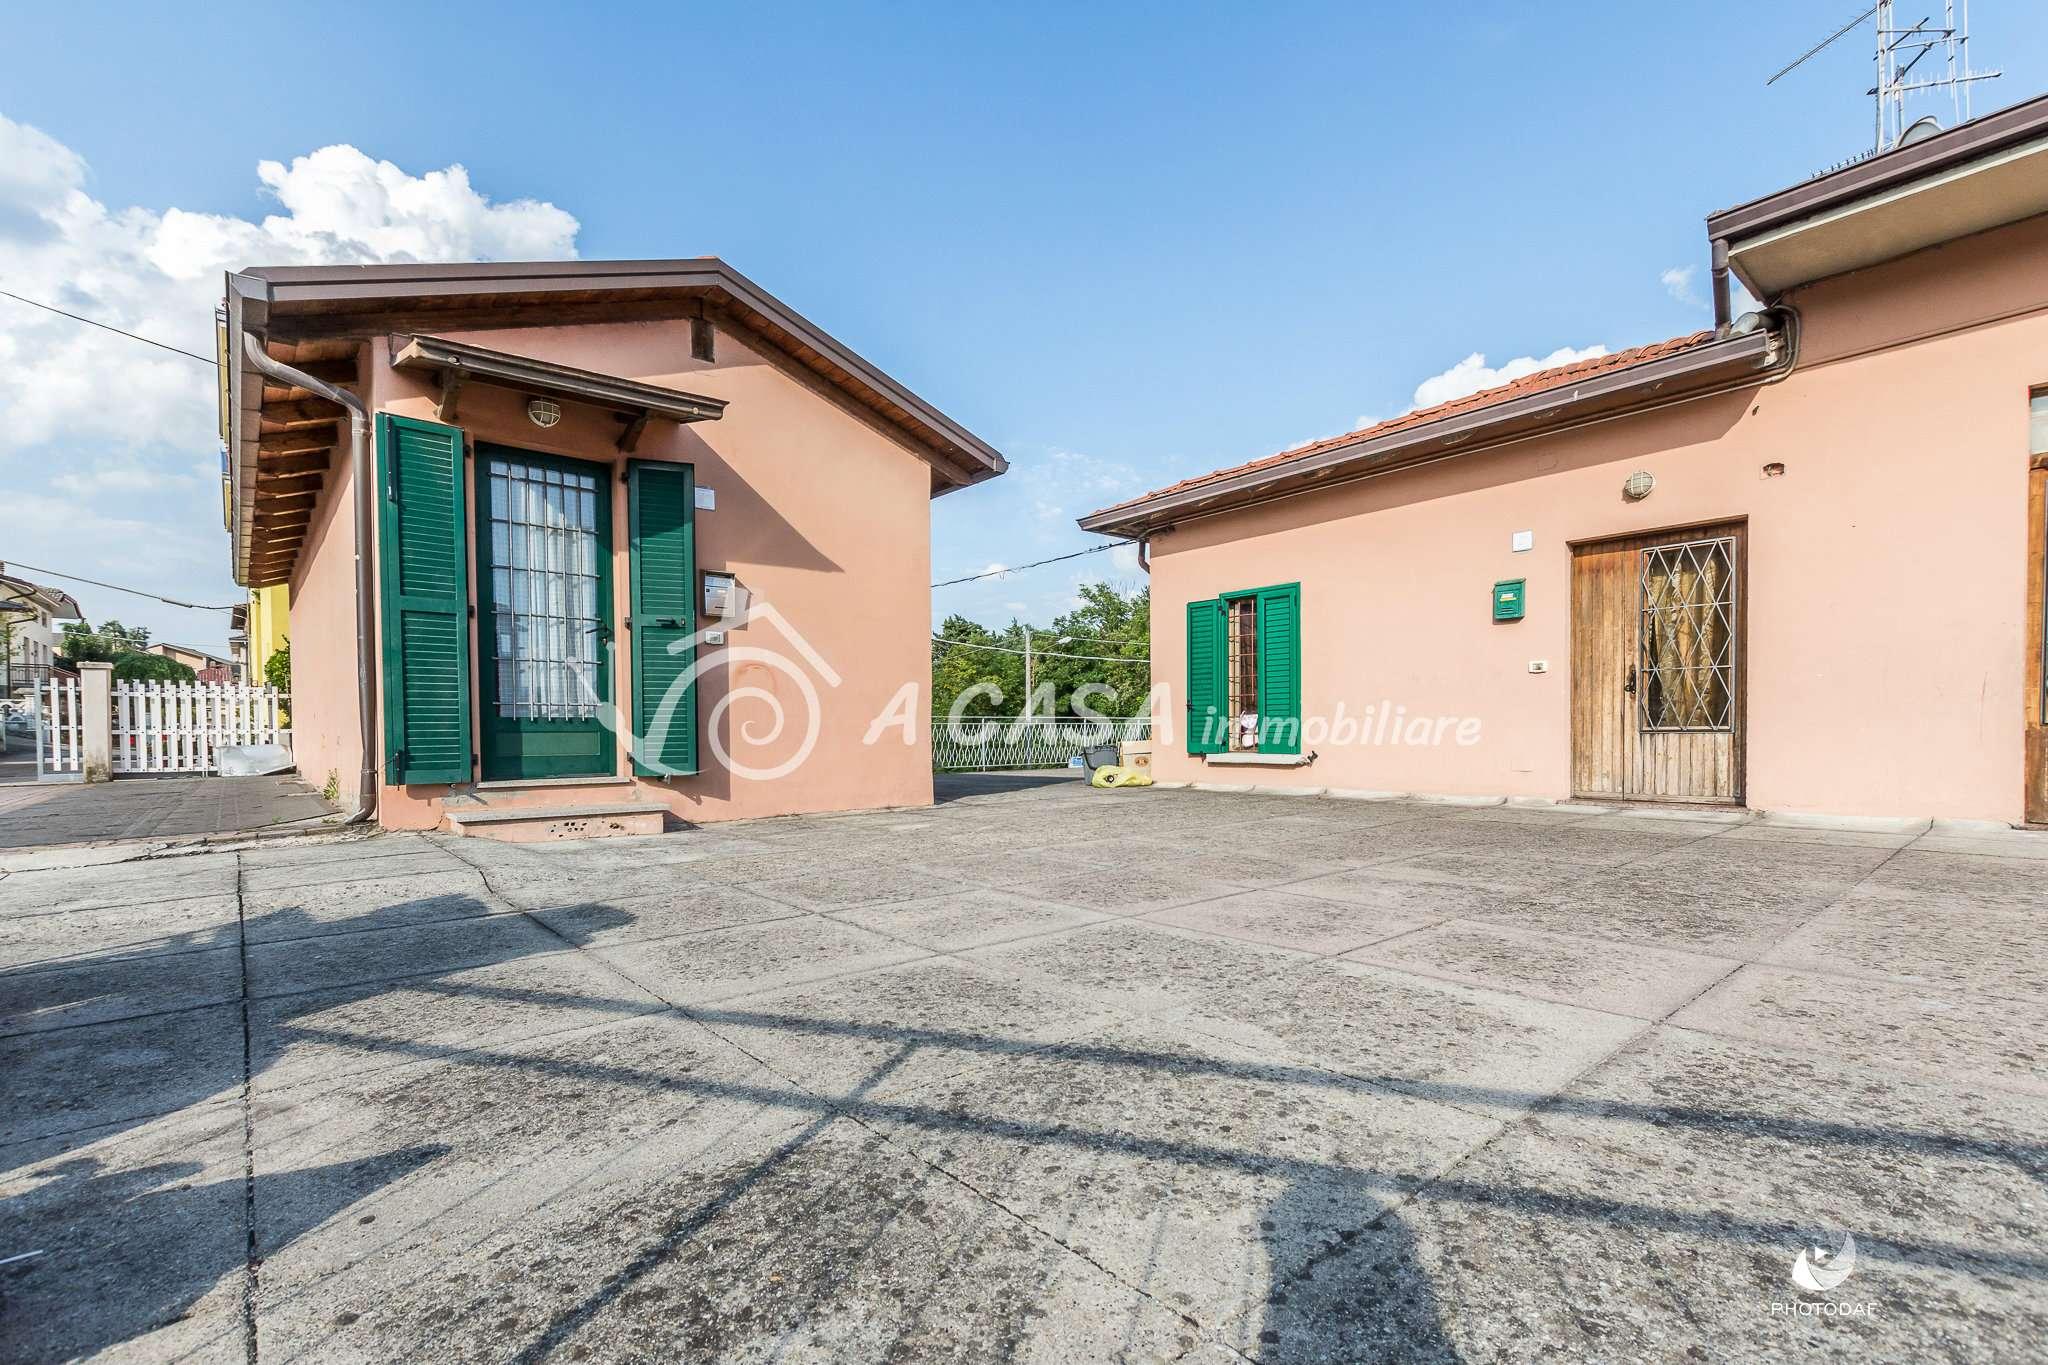 Appartamento in vendita a Medesano, 3 locali, prezzo € 50.000 | PortaleAgenzieImmobiliari.it